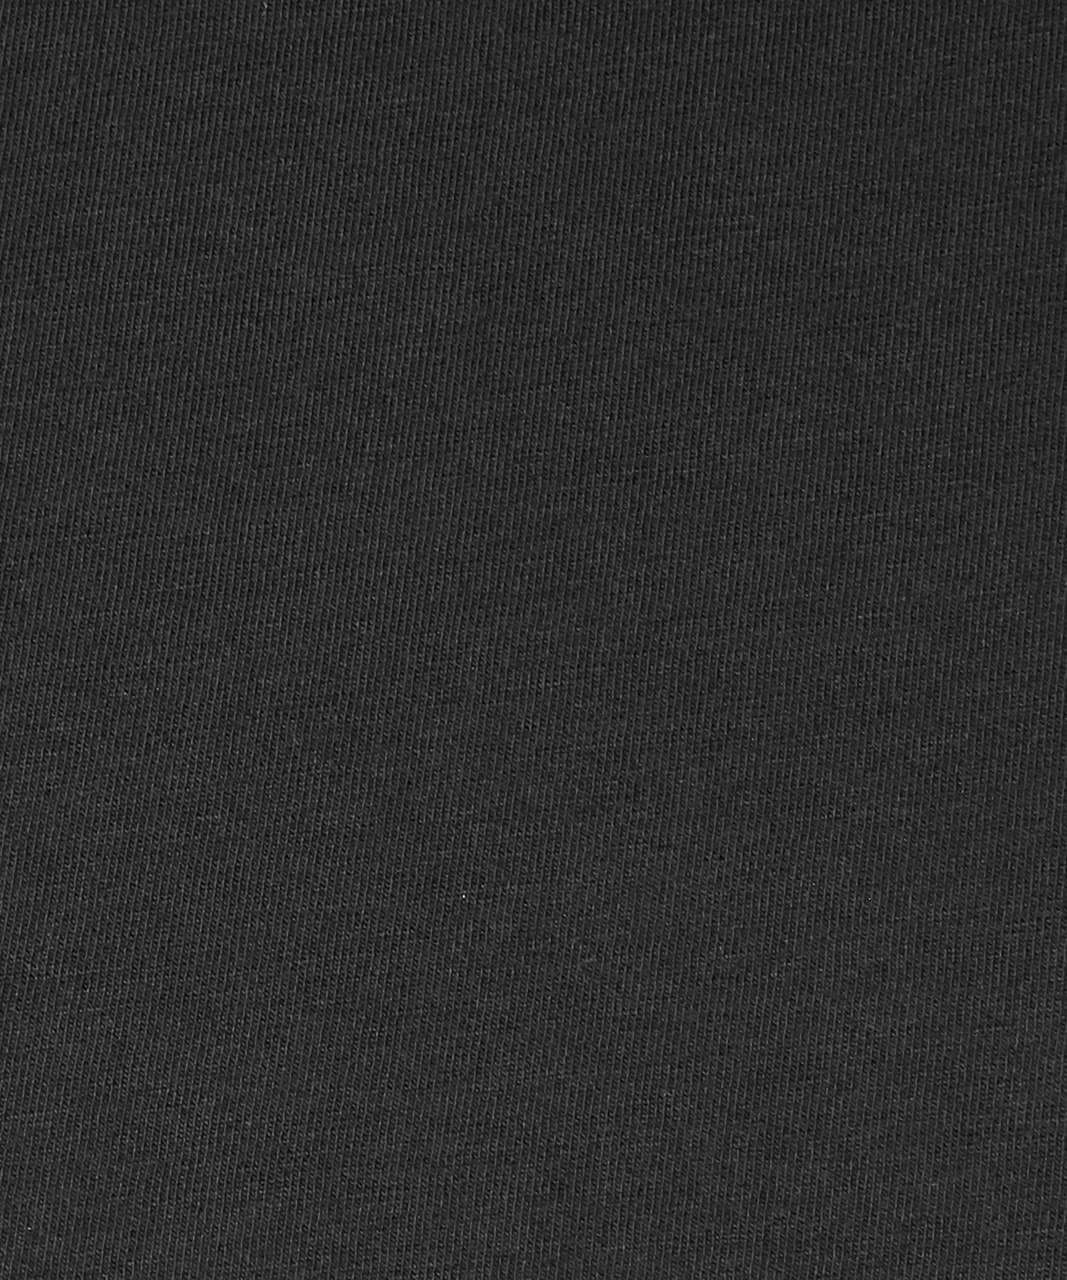 Lululemon Love Tank *Pleated - Black (Third Release)